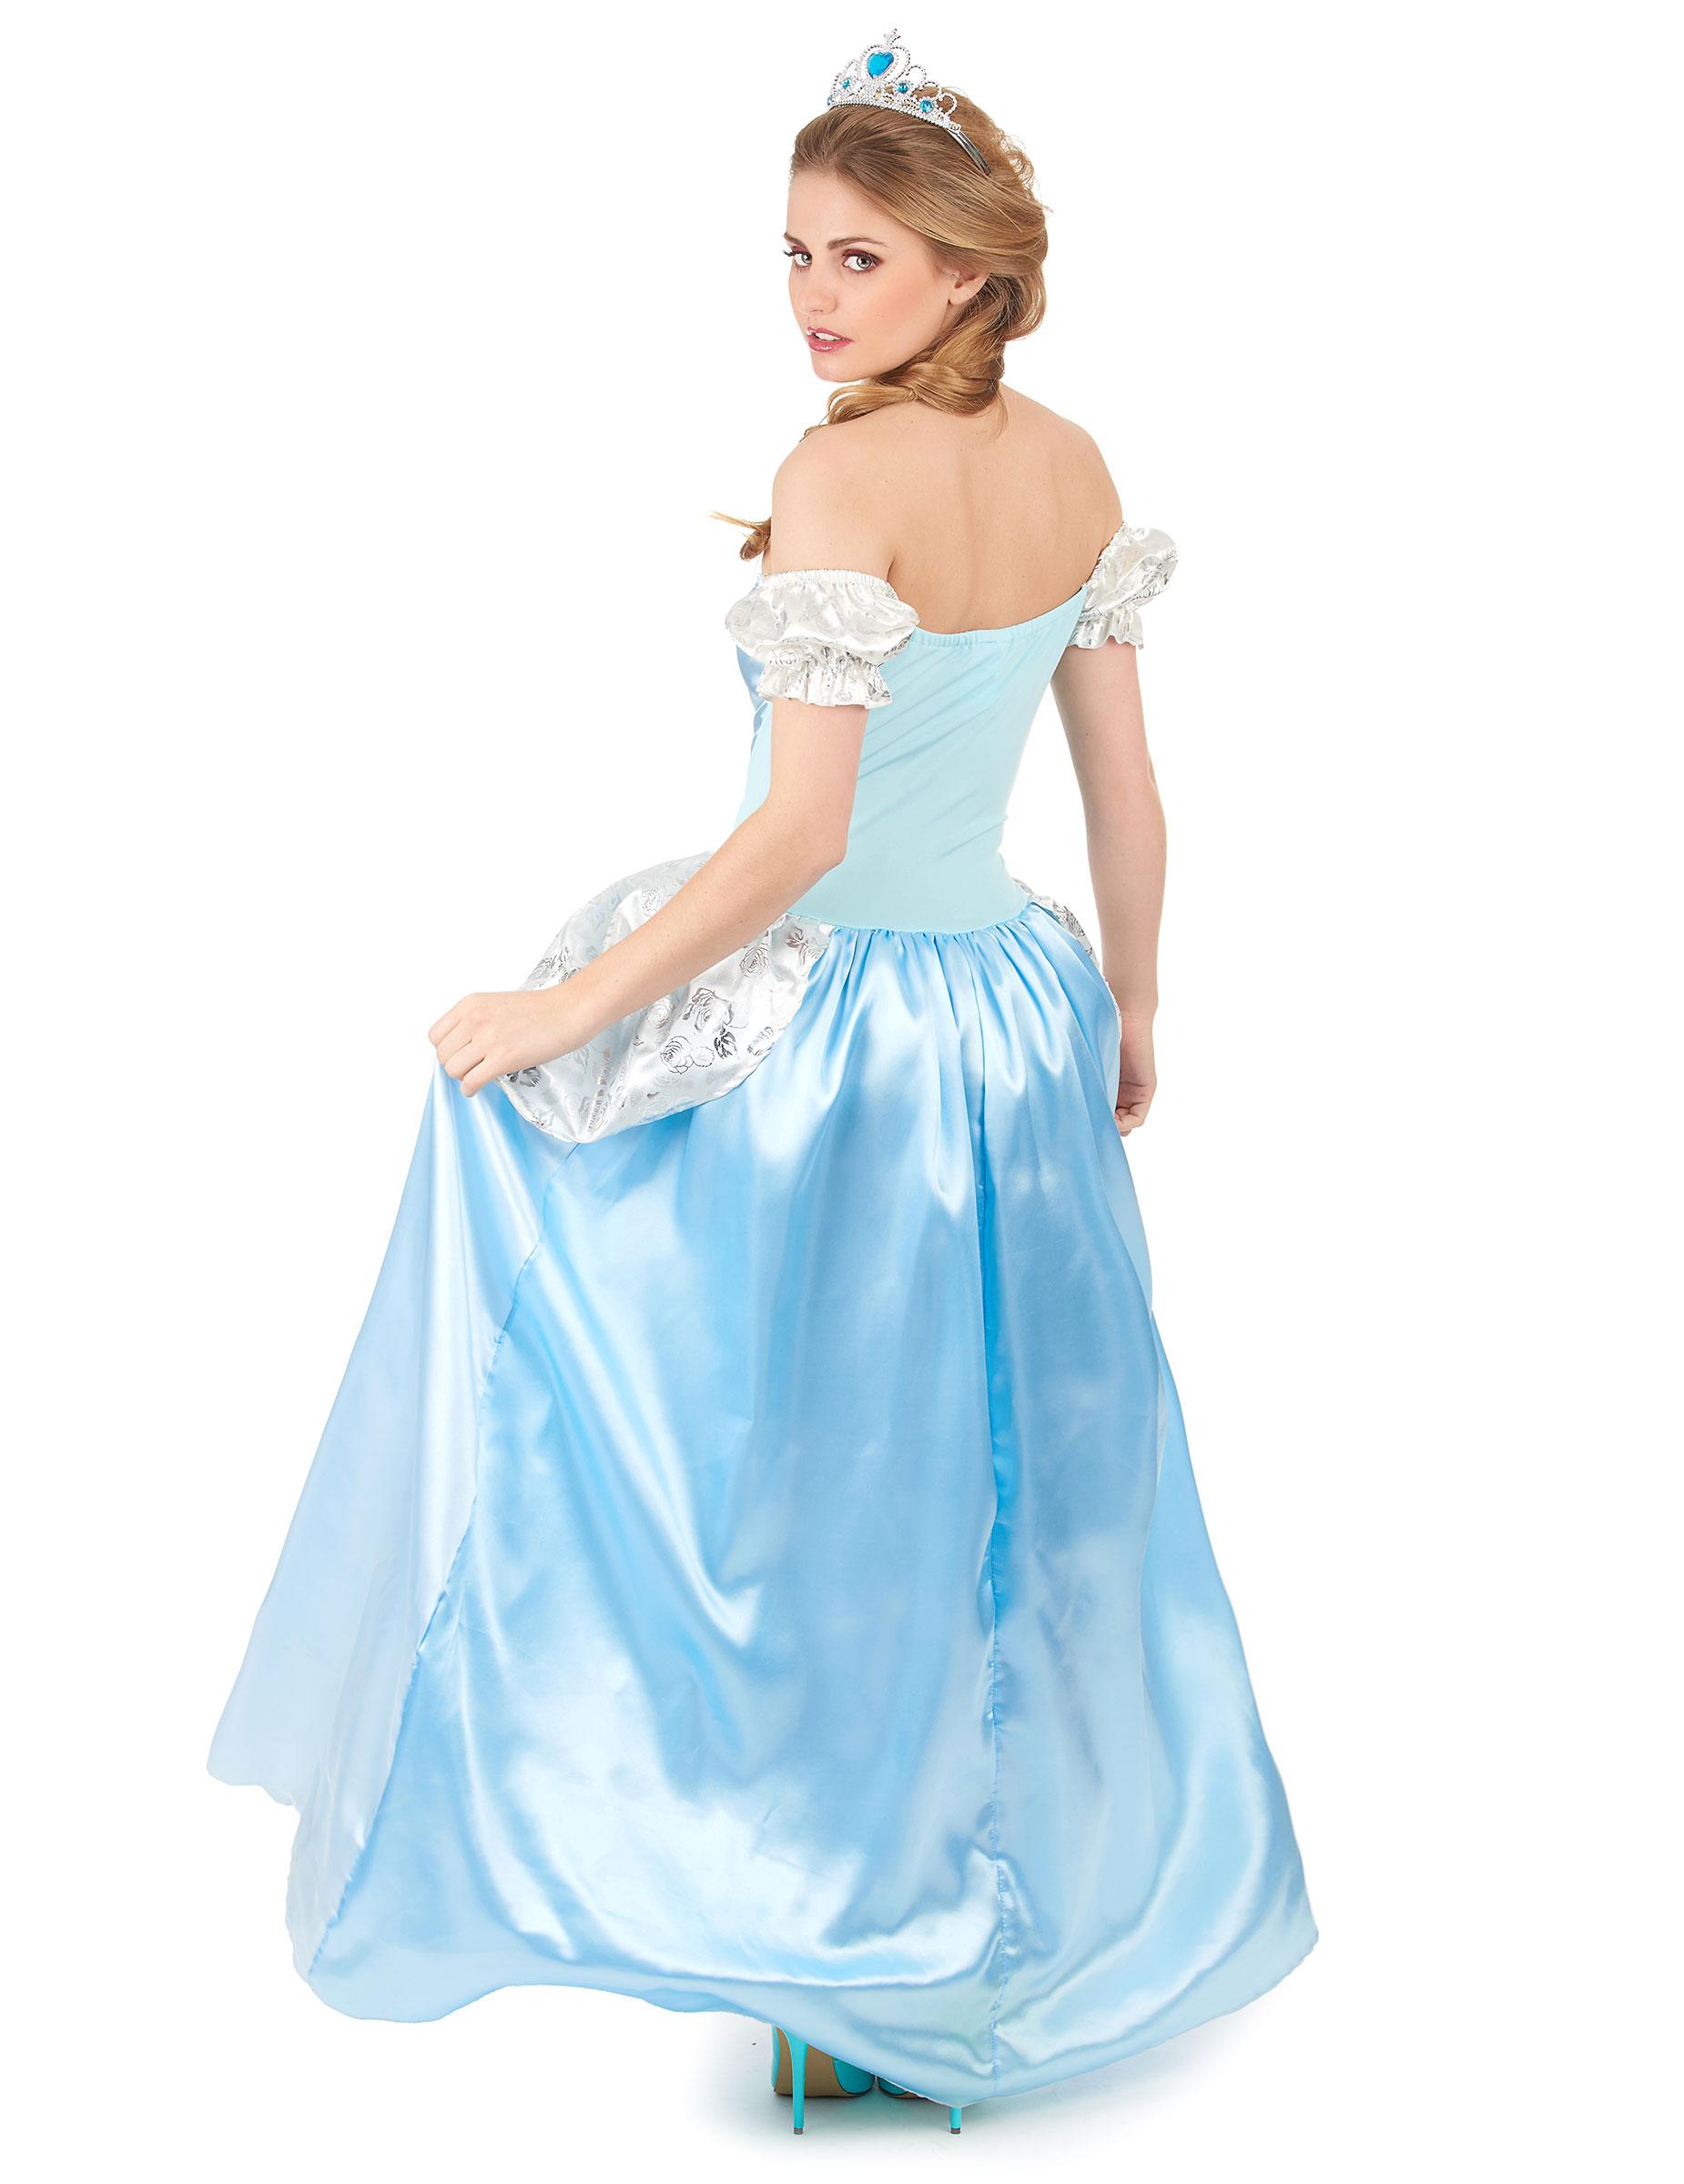 Principessa Travestimento Azzurro Donna Fiabe Per Delle Da gf7b6Yy